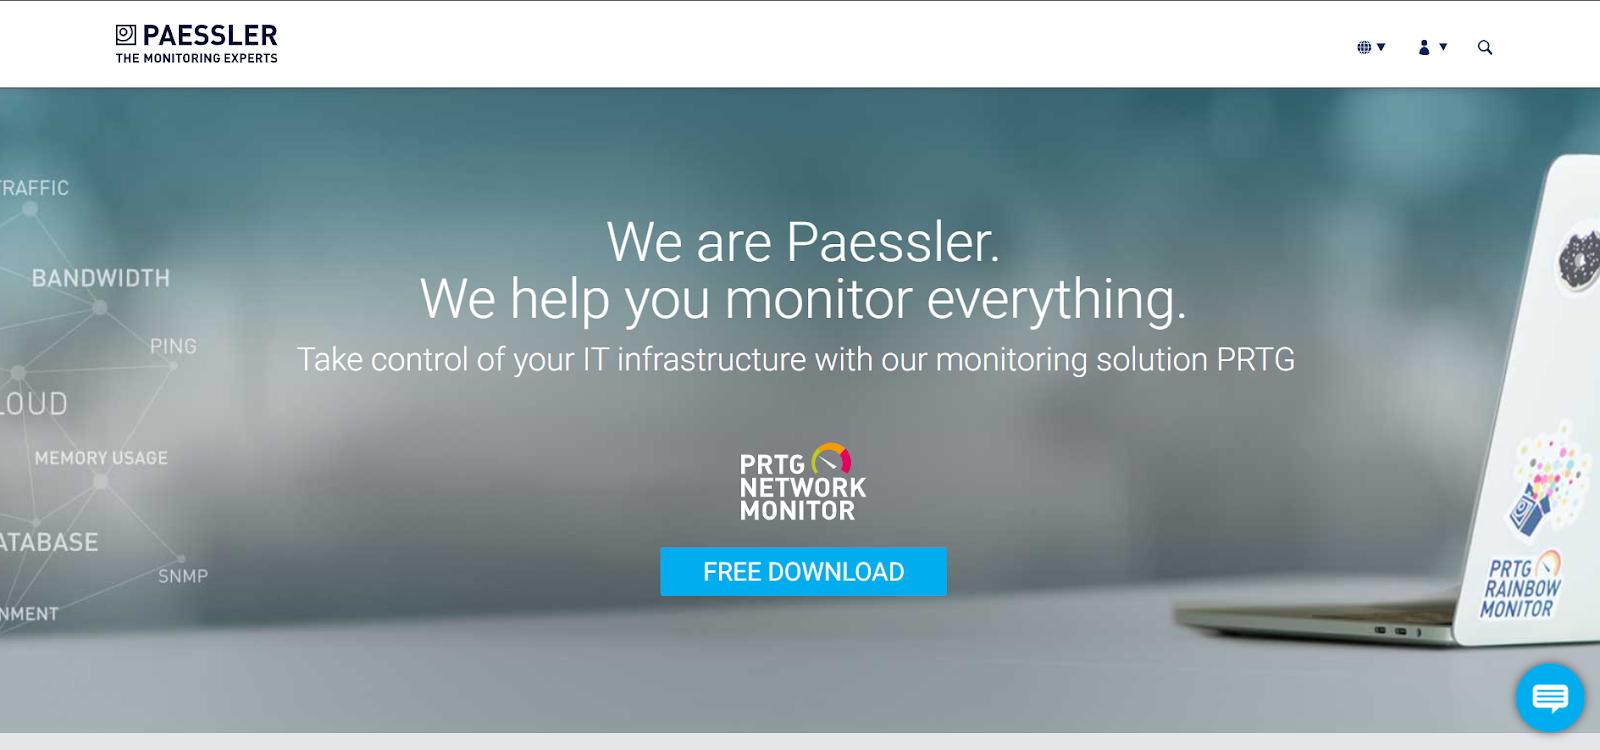 LAN Monitoring Tools - Paessler Network Monitor